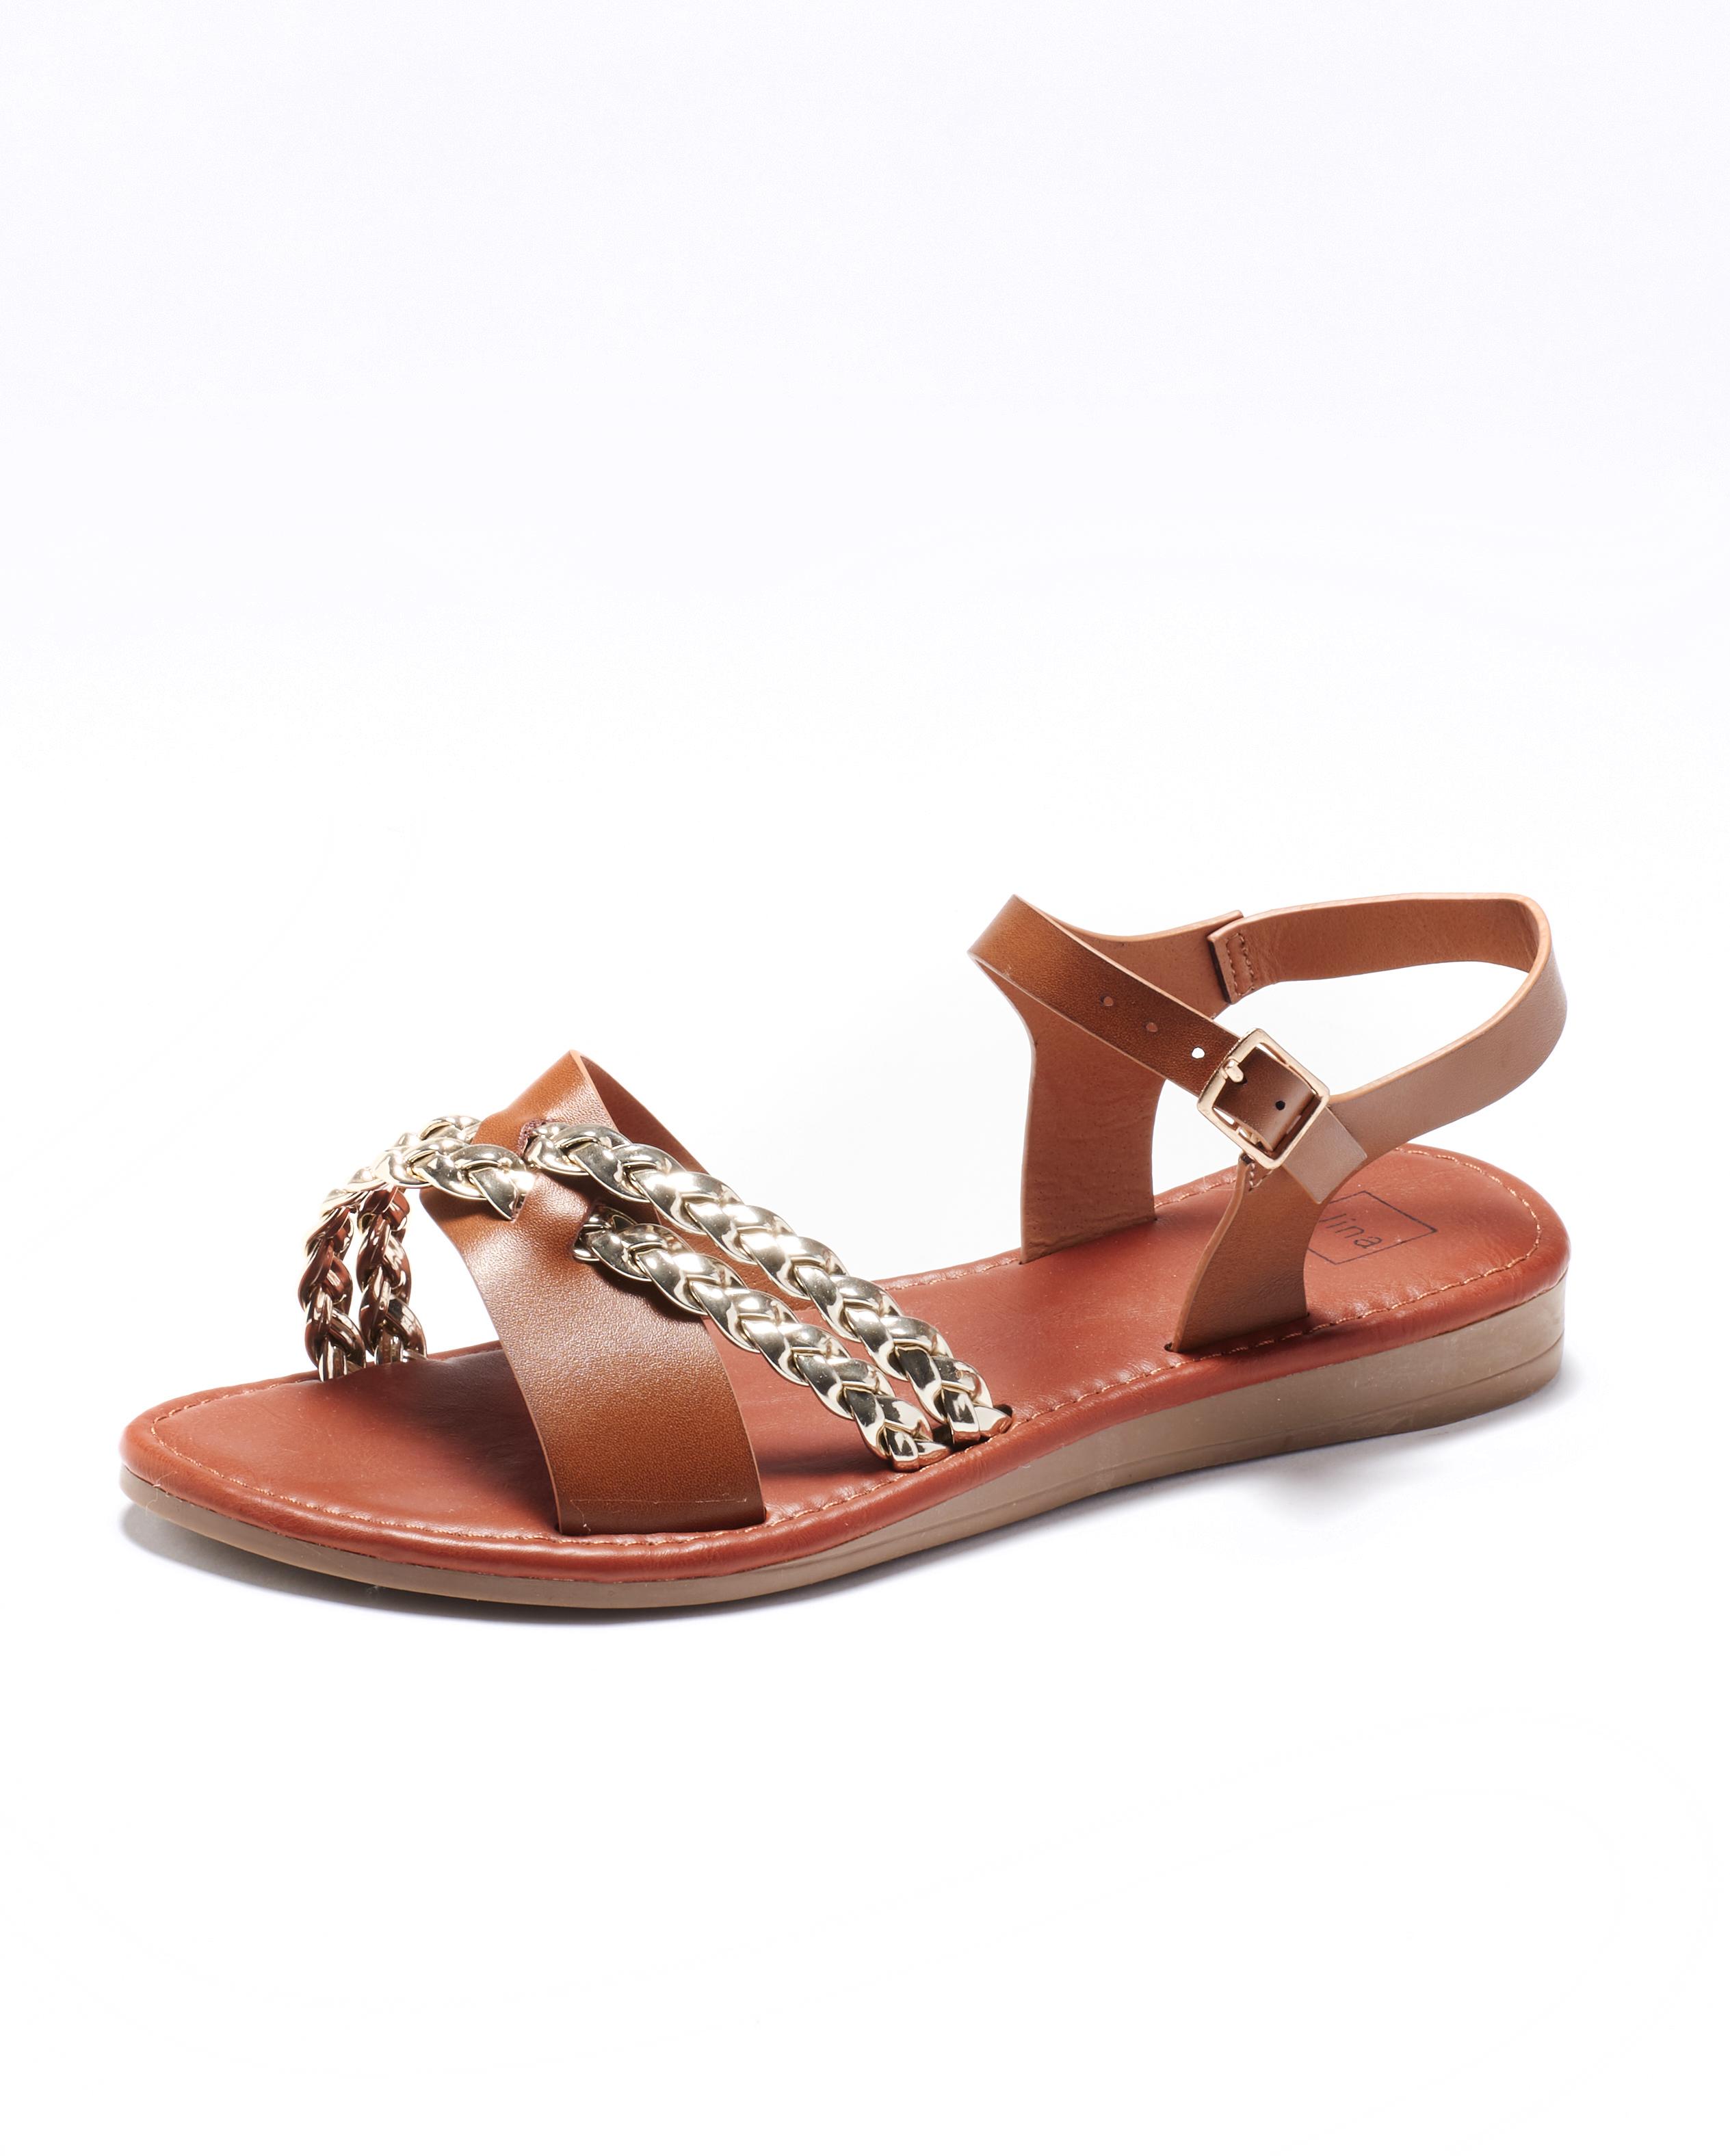 Sandales Plates Femme - Sandale Plate Camel Jina - Fs0741404